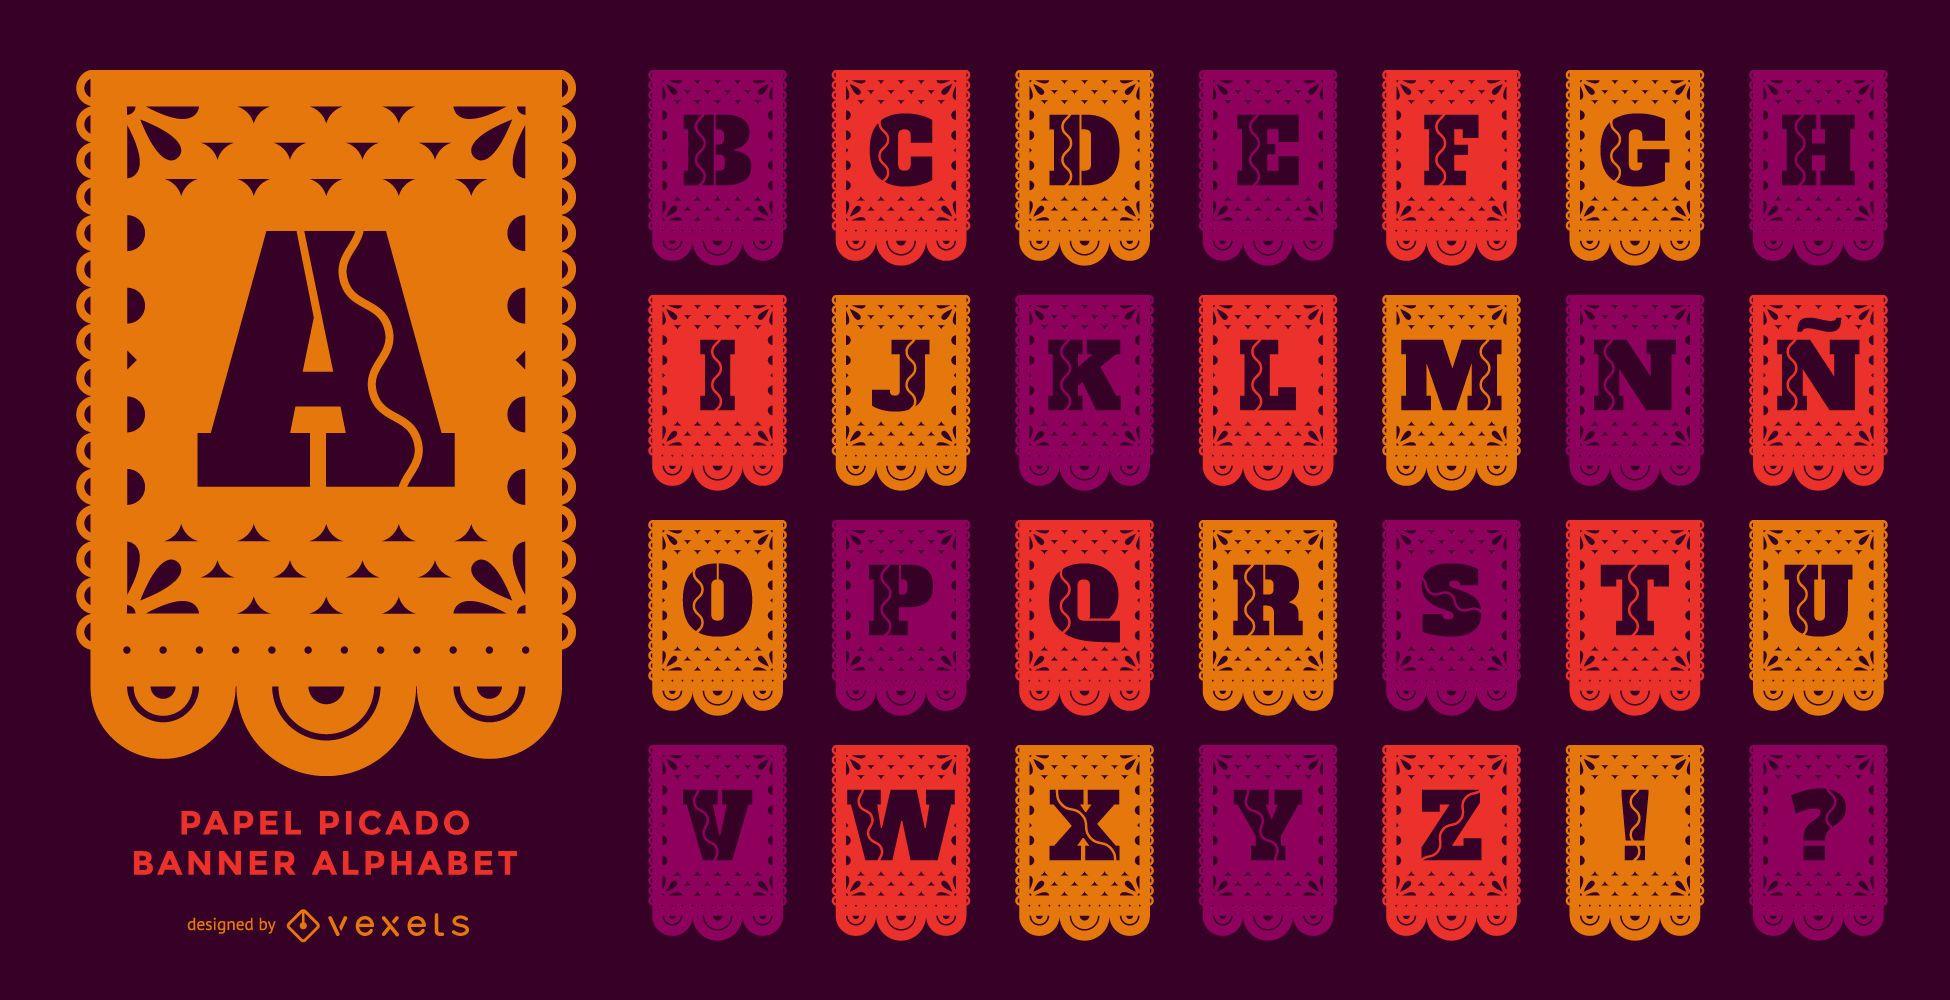 Papel picado banner alphabet set